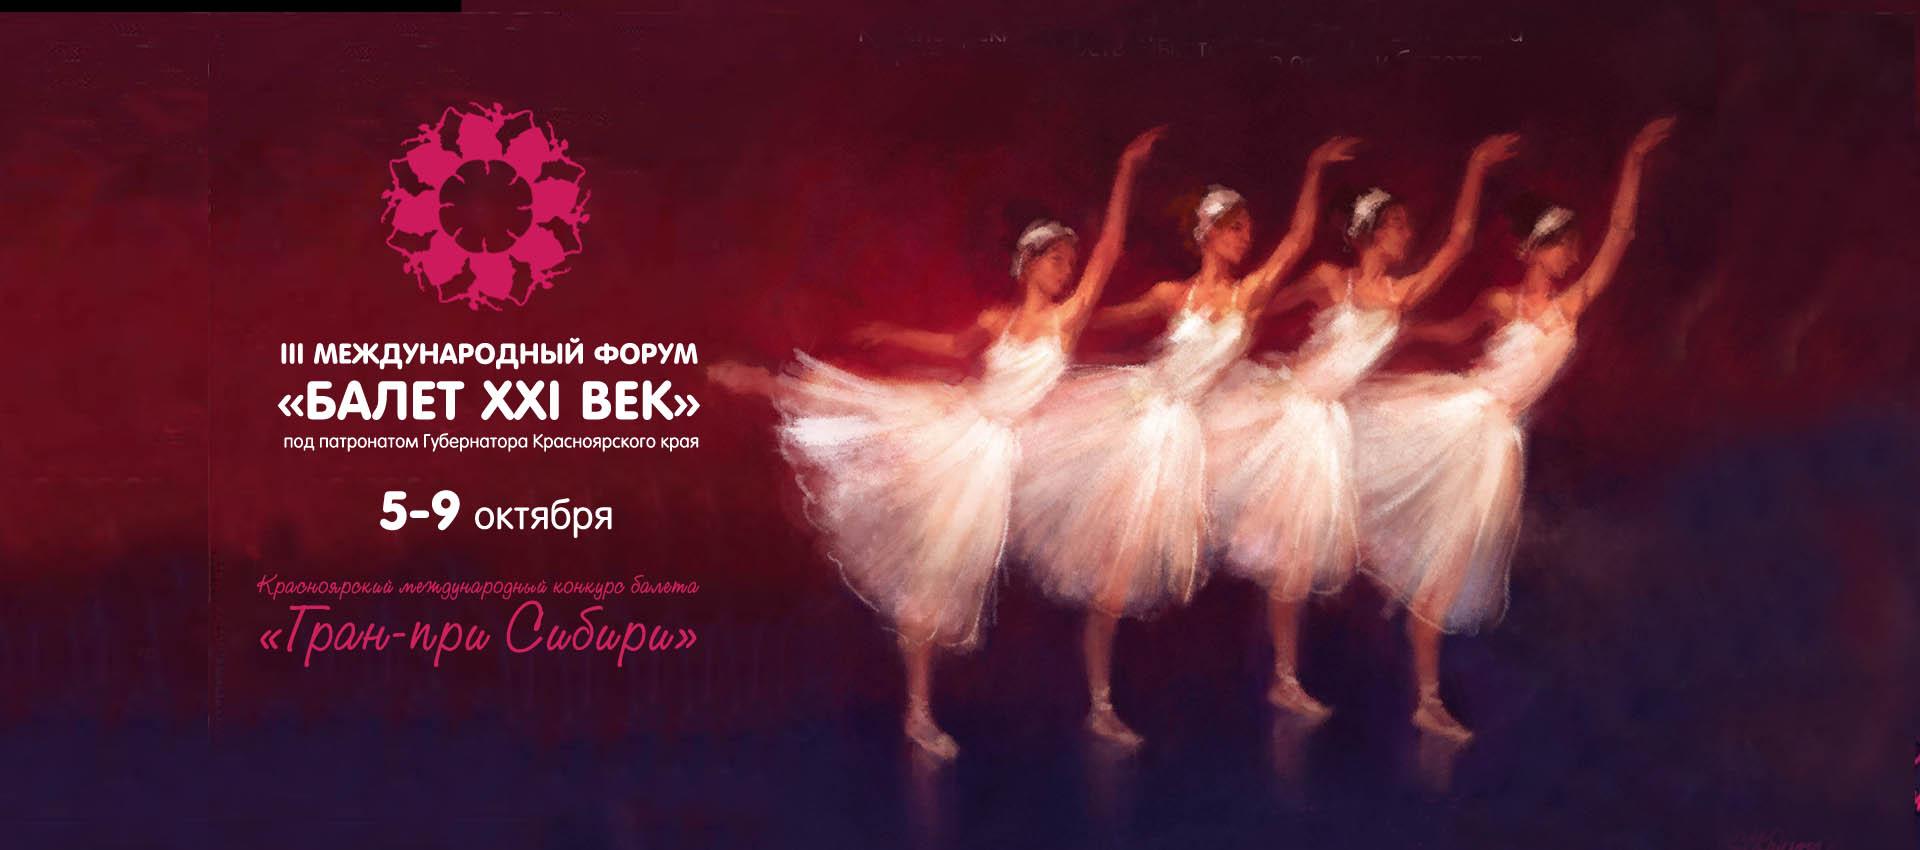 ballet-forum